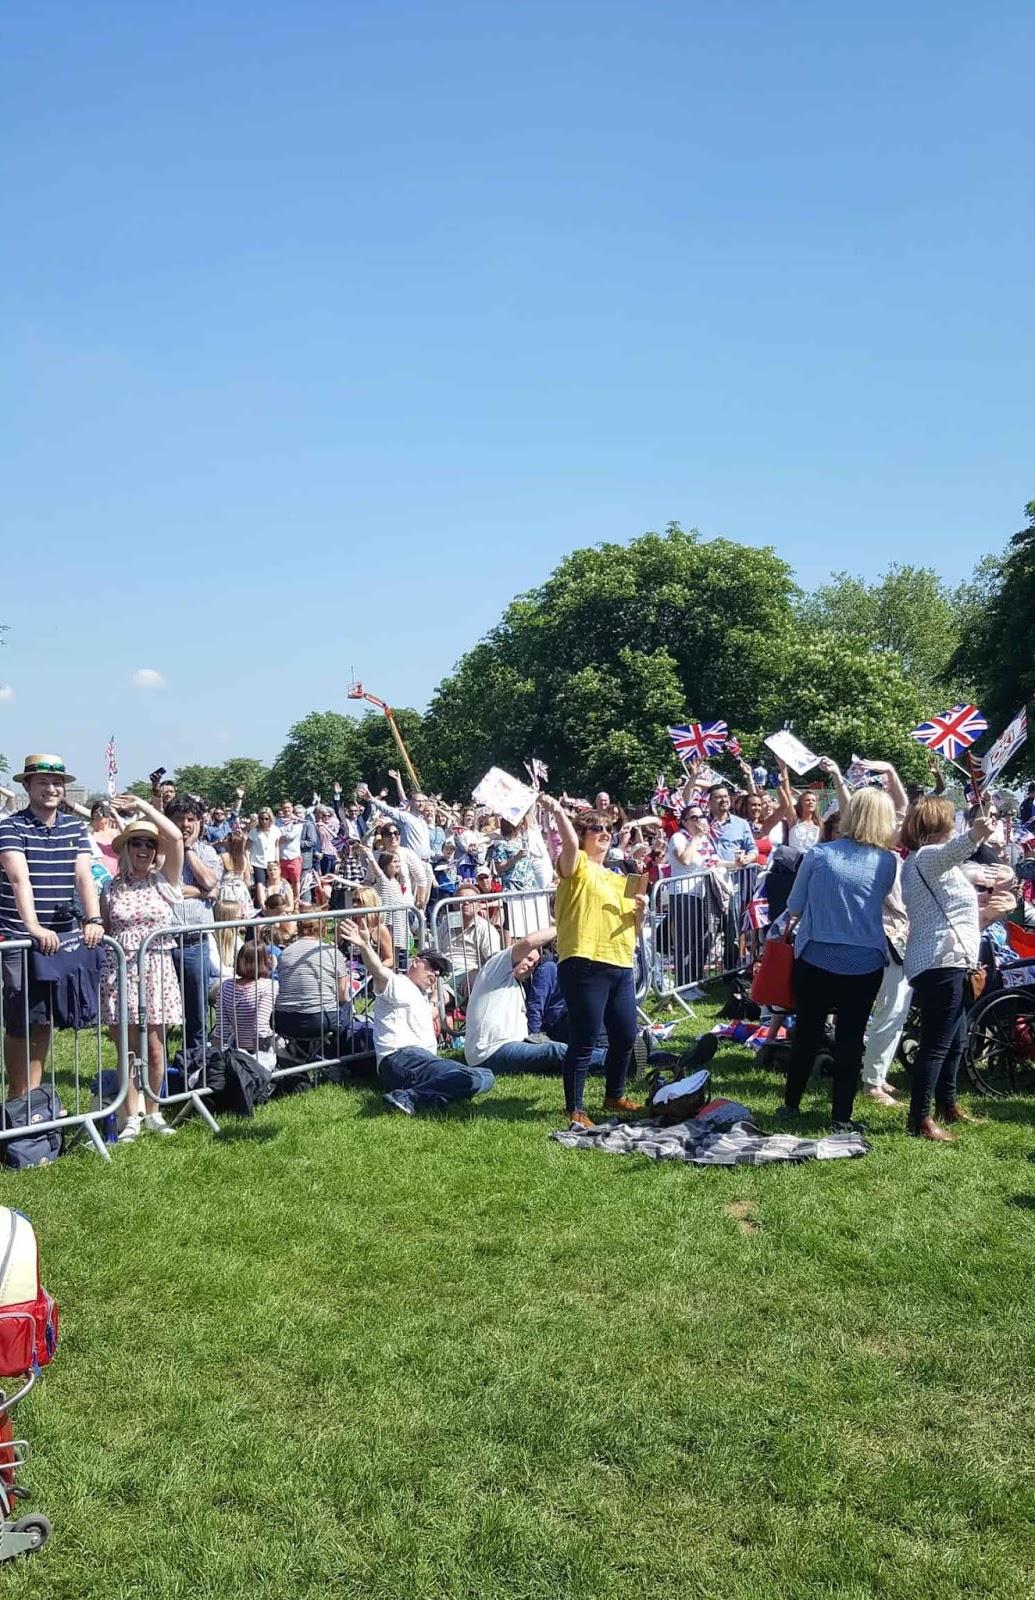 les drapeaux anglais s'agitent au royal wedding par woody beauty